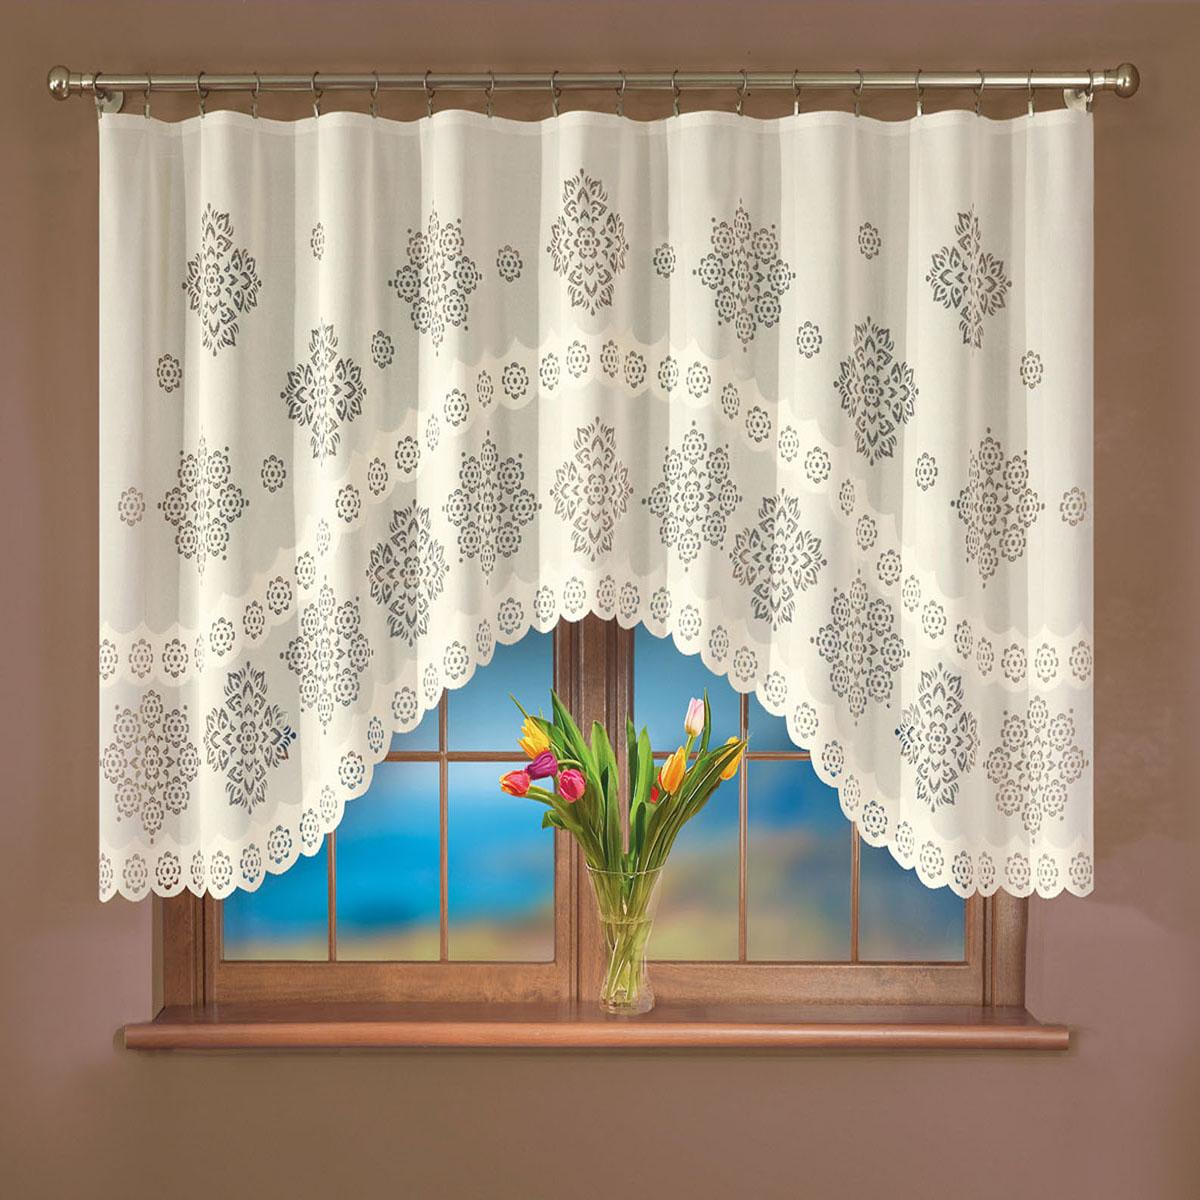 Гардина Wisan, цвет: кремовый, ширина 250 см, высота 120 см. 109Е109ЕГардина Wisan, изготовленная из жаккардового материала, станет великолепным украшениемлюбого окна. Изделие, оформленное ажурным орнаментом, привлечет к себе внимание и органичновпишется в интерьер комнаты. Оригинальное оформление гардины внесет разнообразие иподарит заряд положительного настроения.Гардина крепится при помощи зажимов для штор(не входят в комплект).